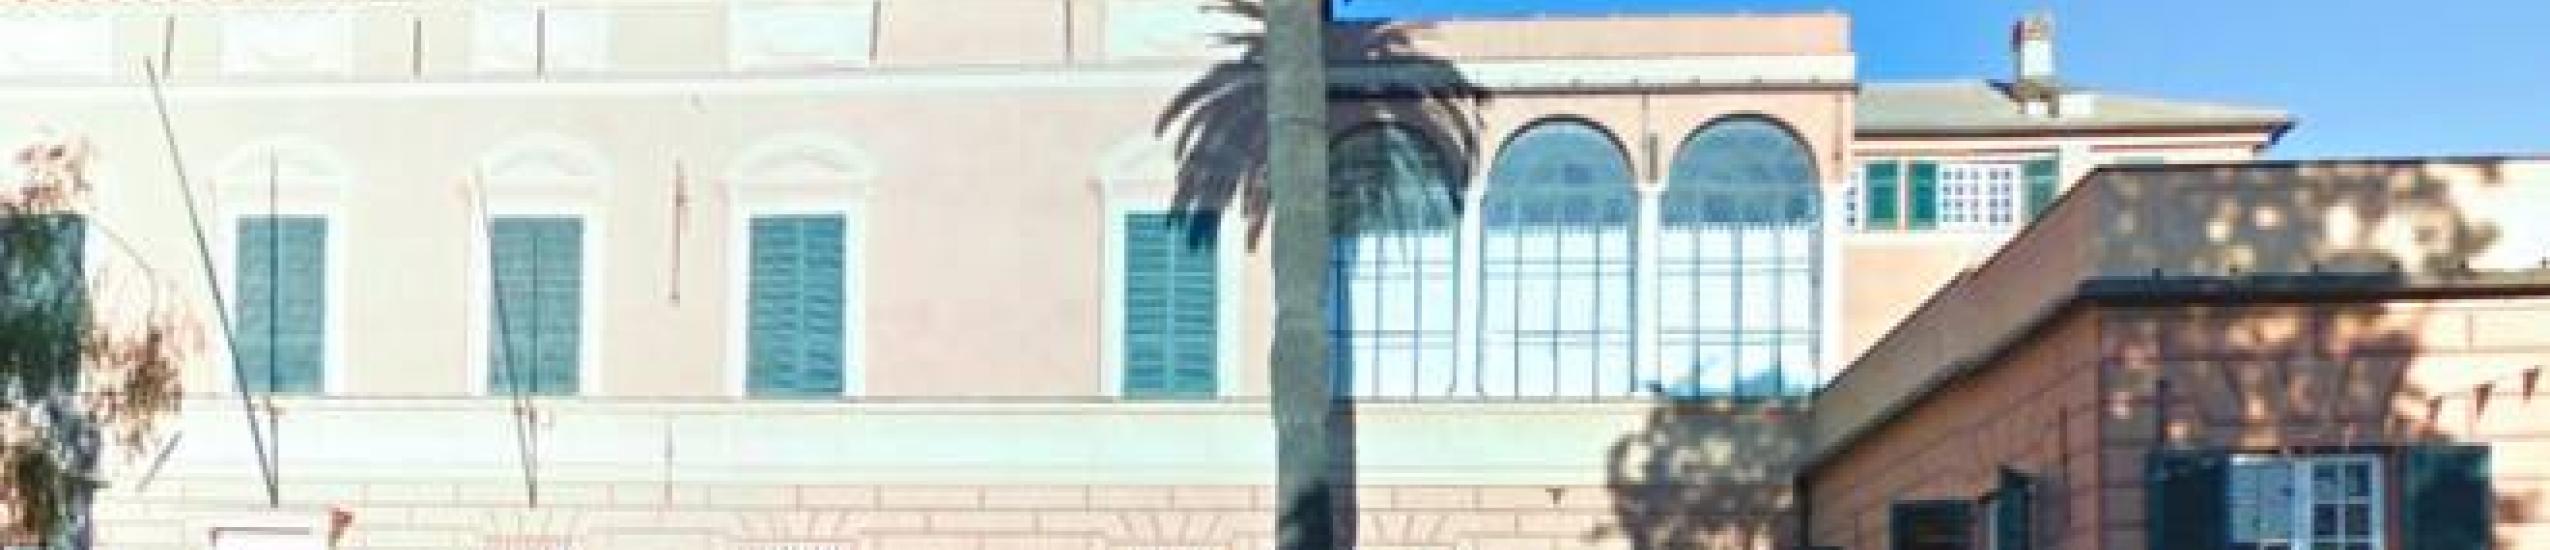 """Rete dei """"Civic Center Scolastici"""" - Liceo Mazzini - Piazza C. Bonavino, 6 (Pegli)"""